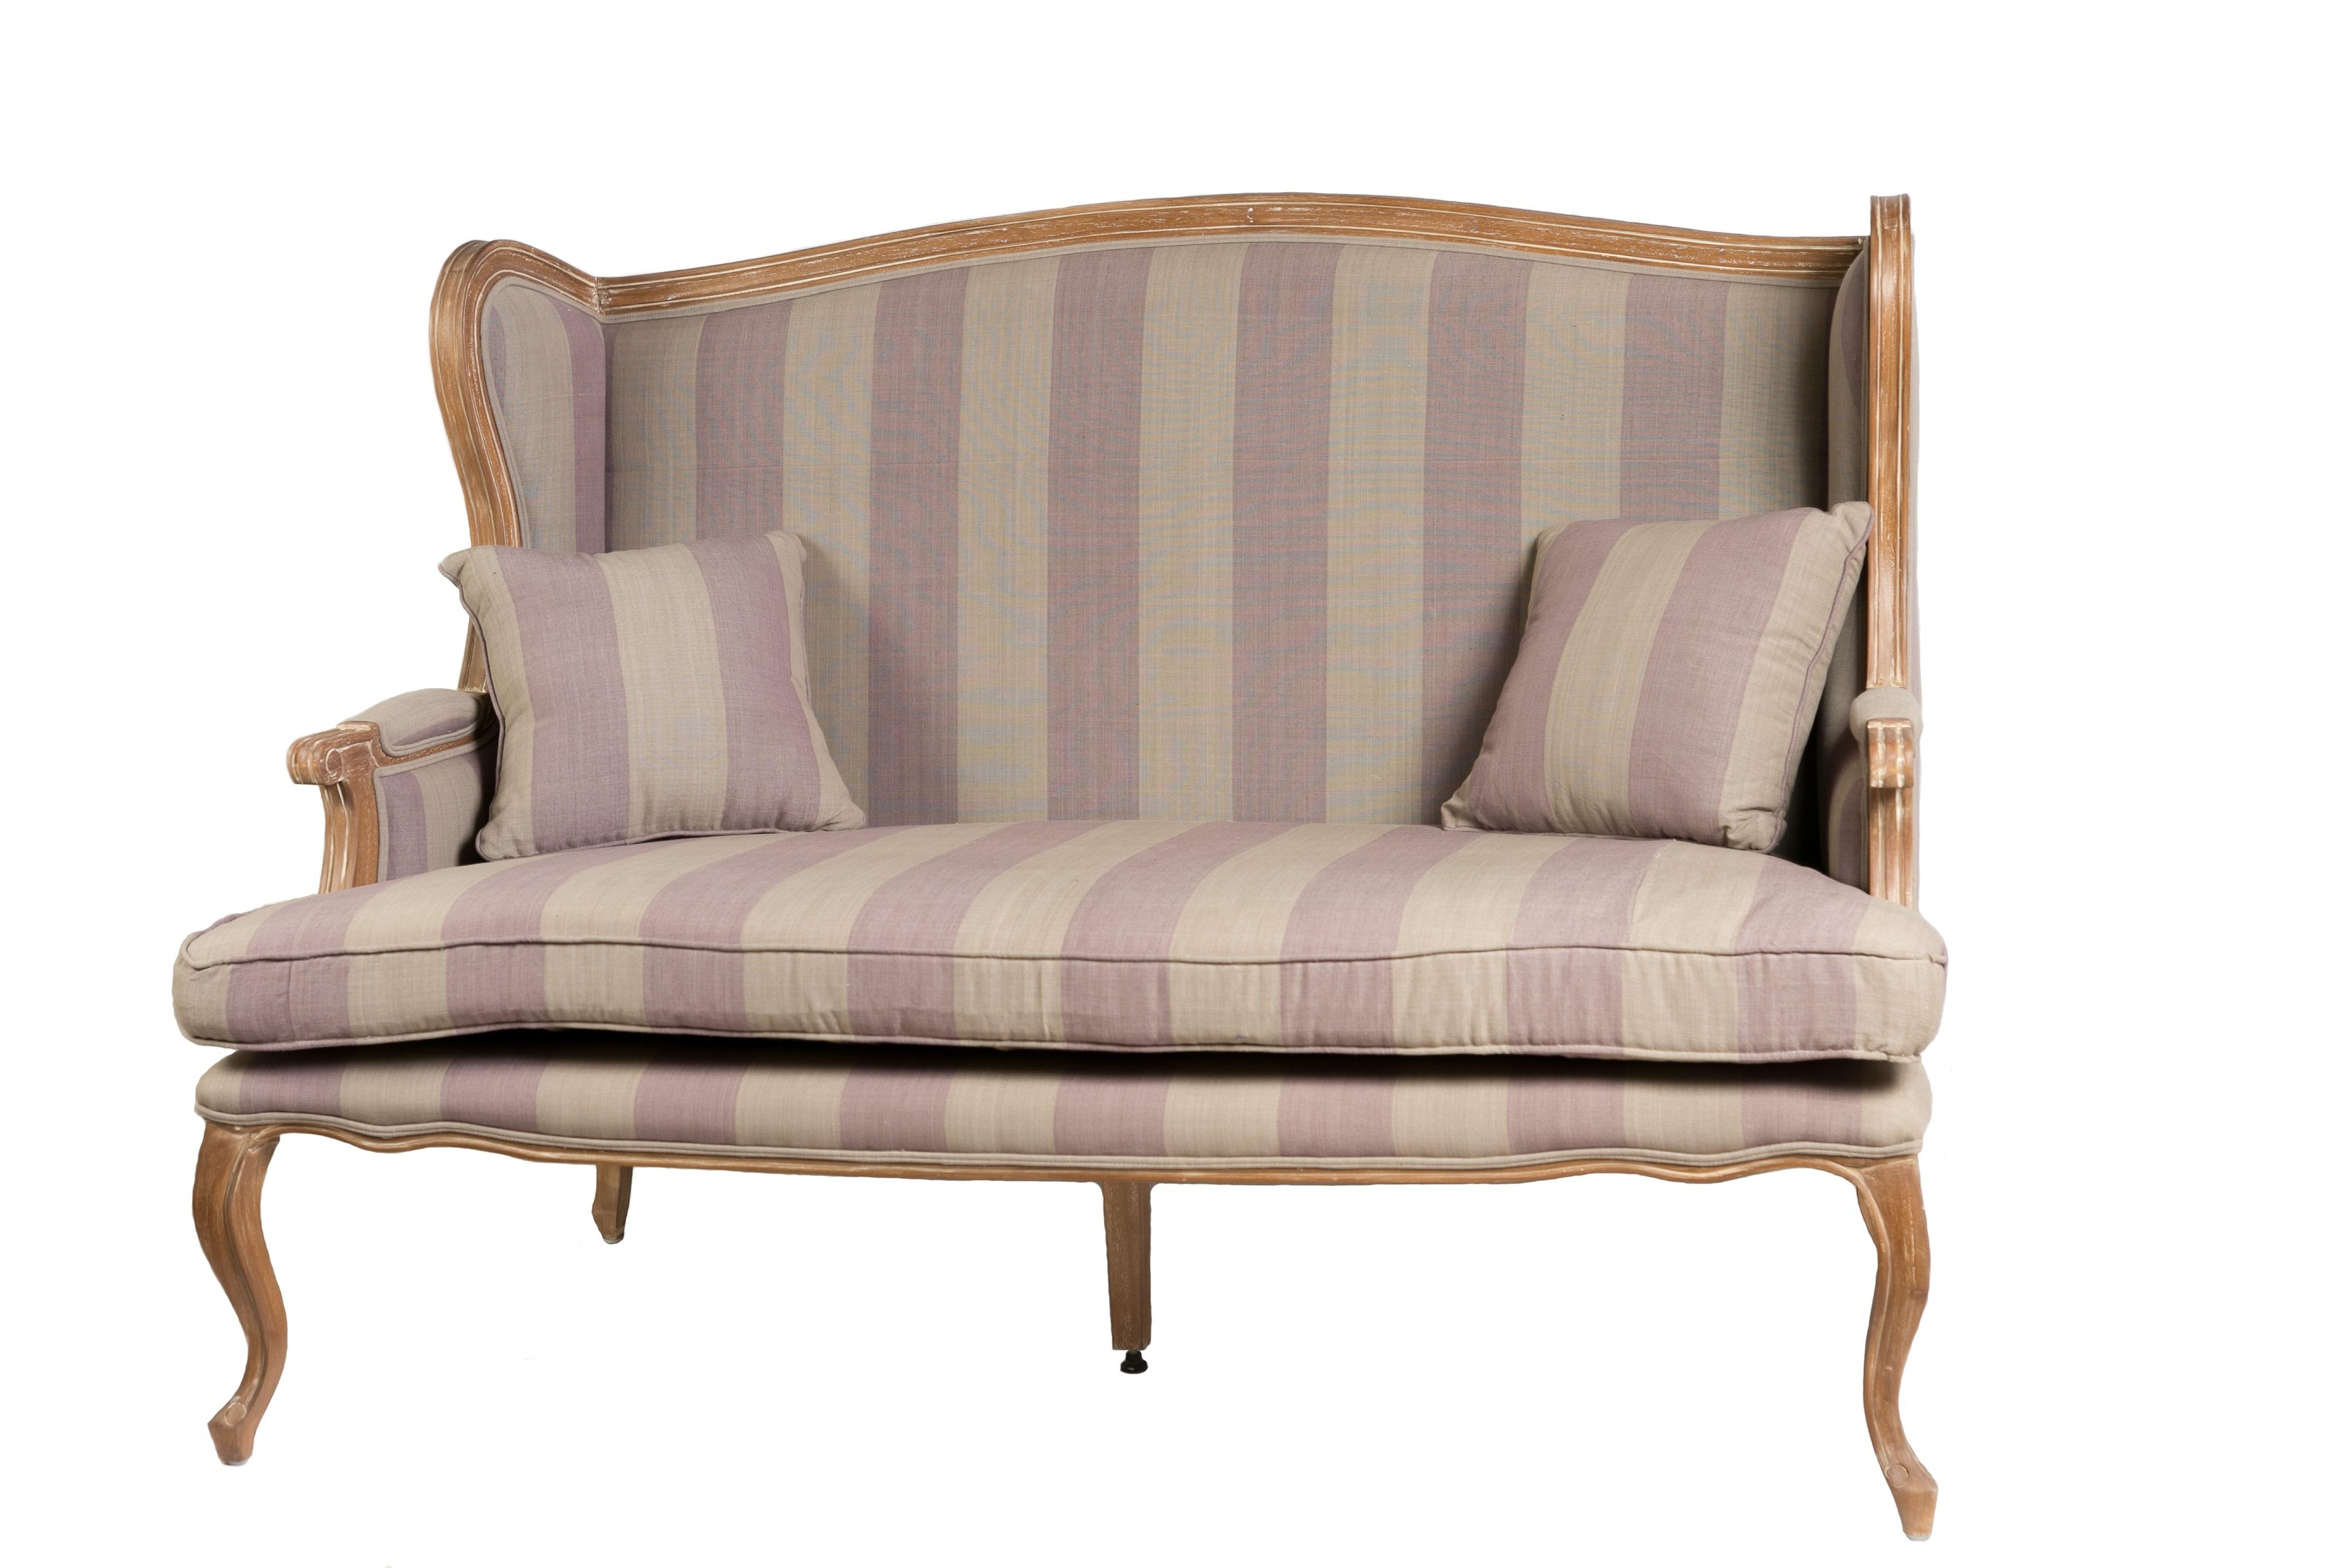 ДиванеткаДиванетки и софы<br>Бренд Deco Home объединил комфорт дивана и удобство банкетки в изысканный предмет мебели. Подушки в пастельных тонах серого и сиреневого позволят уютно расположиться за чашкой чая или книгой. Изысканности в образ добавляет отделка из дерева с плавными изгибами и легкой патиной. Хорошо подойдет для спальни, гостиной или рабочего кабинета в качестве места для отдыха.&amp;lt;div&amp;gt;&amp;lt;table class=&amp;quot;data-table&amp;quot; id=&amp;quot;product-attribute-specs-table&amp;quot; style=&amp;quot;margin: 0px; padding: 0px; max-width: 100%; border: none; empty-cells: show; width: 470px; color: rgb(102, 102, 102); font-family: century; letter-spacing: normal; line-height: 21.7px; background: url(&amp;amp;quot;../images/bg-bottom-view.png&amp;amp;quot;) 50% 100% repeat-x rgb(255, 255, 255);&amp;quot;&amp;gt;&amp;lt;tbody style=&amp;quot;margin: 0px; padding: 0px;&amp;quot;&amp;gt;&amp;lt;tr class=&amp;quot;last odd&amp;quot; style=&amp;quot;margin: 0px; padding: 0px;&amp;quot;&amp;gt;&amp;lt;th class=&amp;quot;label&amp;quot; style=&amp;quot;margin: 0px; padding: 3px 8px; text-align: left; font-weight: normal; display: inline-block; font-size: 13px; line-height: 14px; color: rgb(47, 47, 47); text-shadow: rgba(0, 0, 0, 0.247059) 0px -1px 0px; border-radius: 0px; border: none; background: none;&amp;quot;&amp;gt;Материал&amp;lt;/th&amp;gt;&amp;lt;td class=&amp;quot;data last&amp;quot; style=&amp;quot;margin: 0px; padding: 3px 8px; vertical-align: top; border: none;&amp;quot;&amp;gt;красное дерево, хлопок&amp;lt;/td&amp;gt;&amp;lt;/tr&amp;gt;&amp;lt;/tbody&amp;gt;&amp;lt;/table&amp;gt;&amp;lt;/div&amp;gt;<br><br>Material: Хлопок<br>Ширина см: 80<br>Высота см: 104